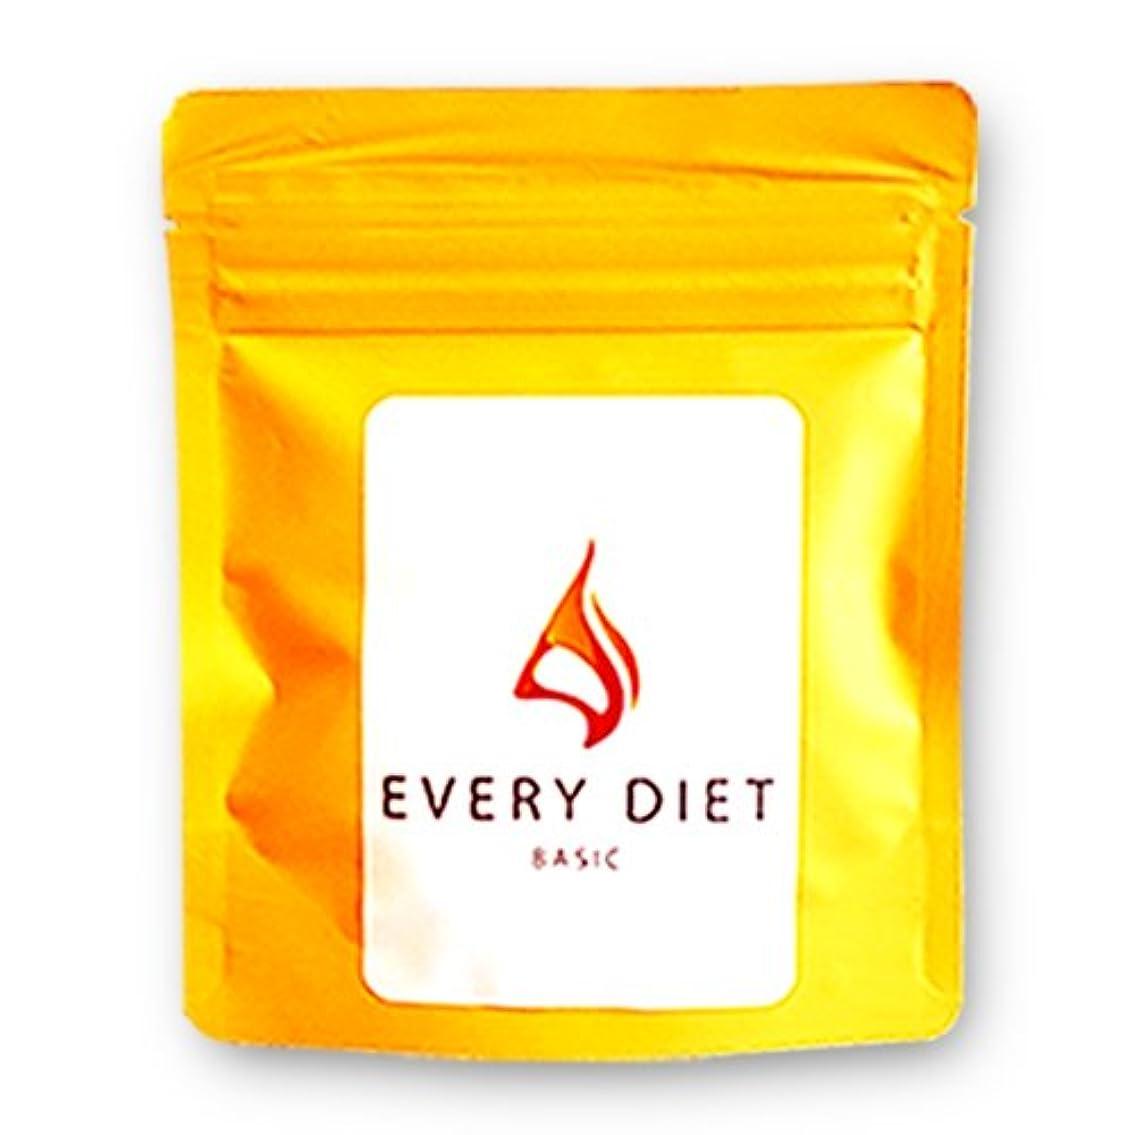 ローストこどもセンター予測エブリダイエット ベーシック (Every Diet Basic)